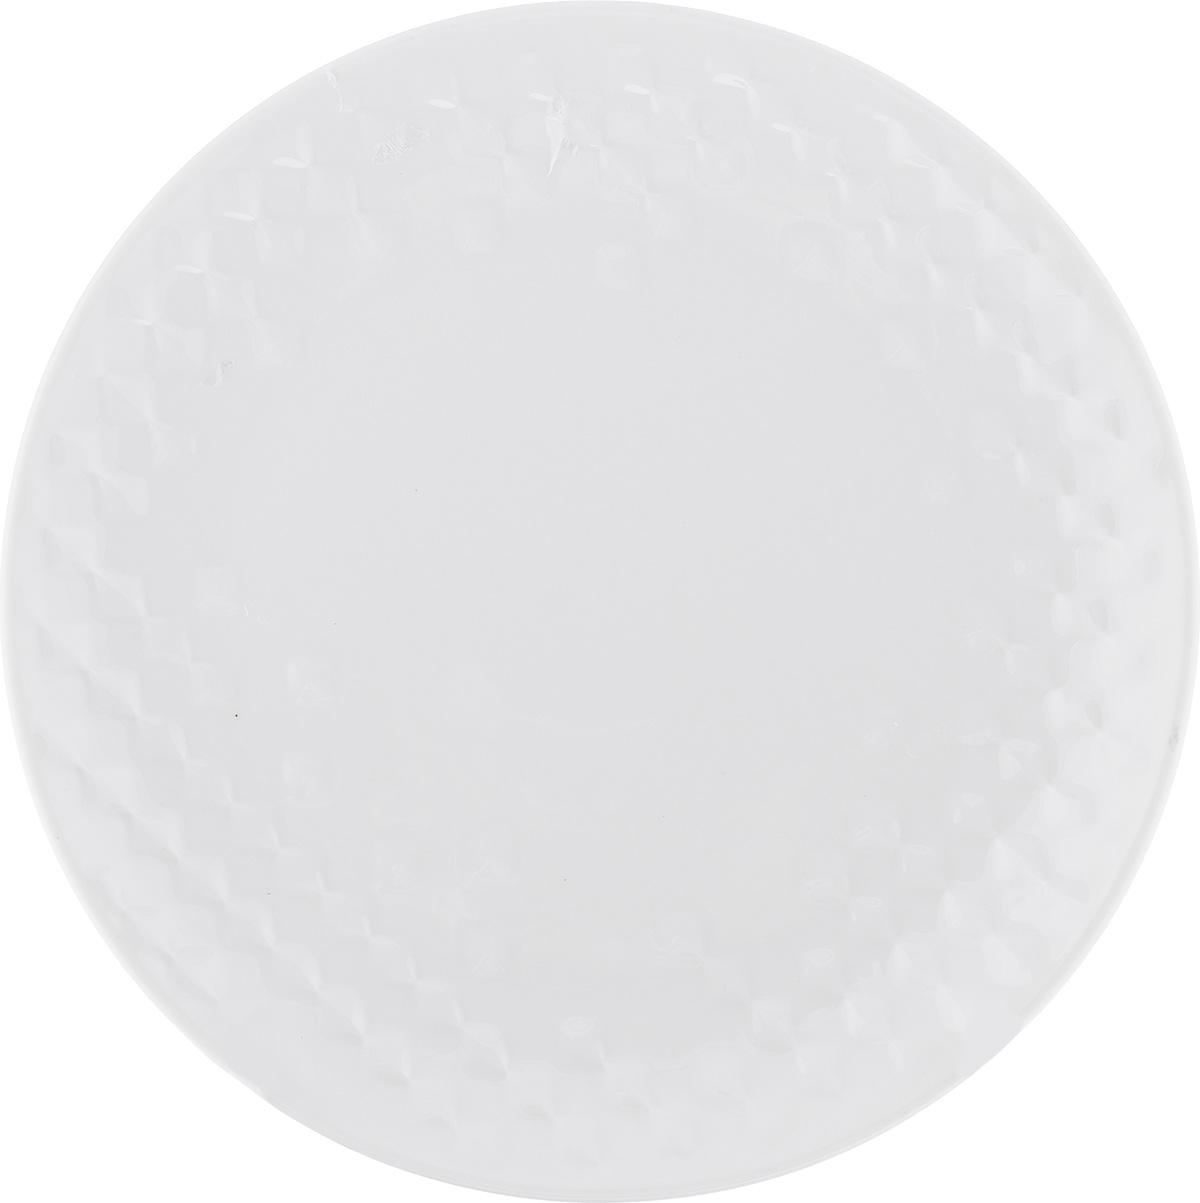 Тарелка десертная Walmer Sapphire, цвет: белый, диаметр 20,5 см горшок для запекания walmer classic цвет белый диаметр 12 см